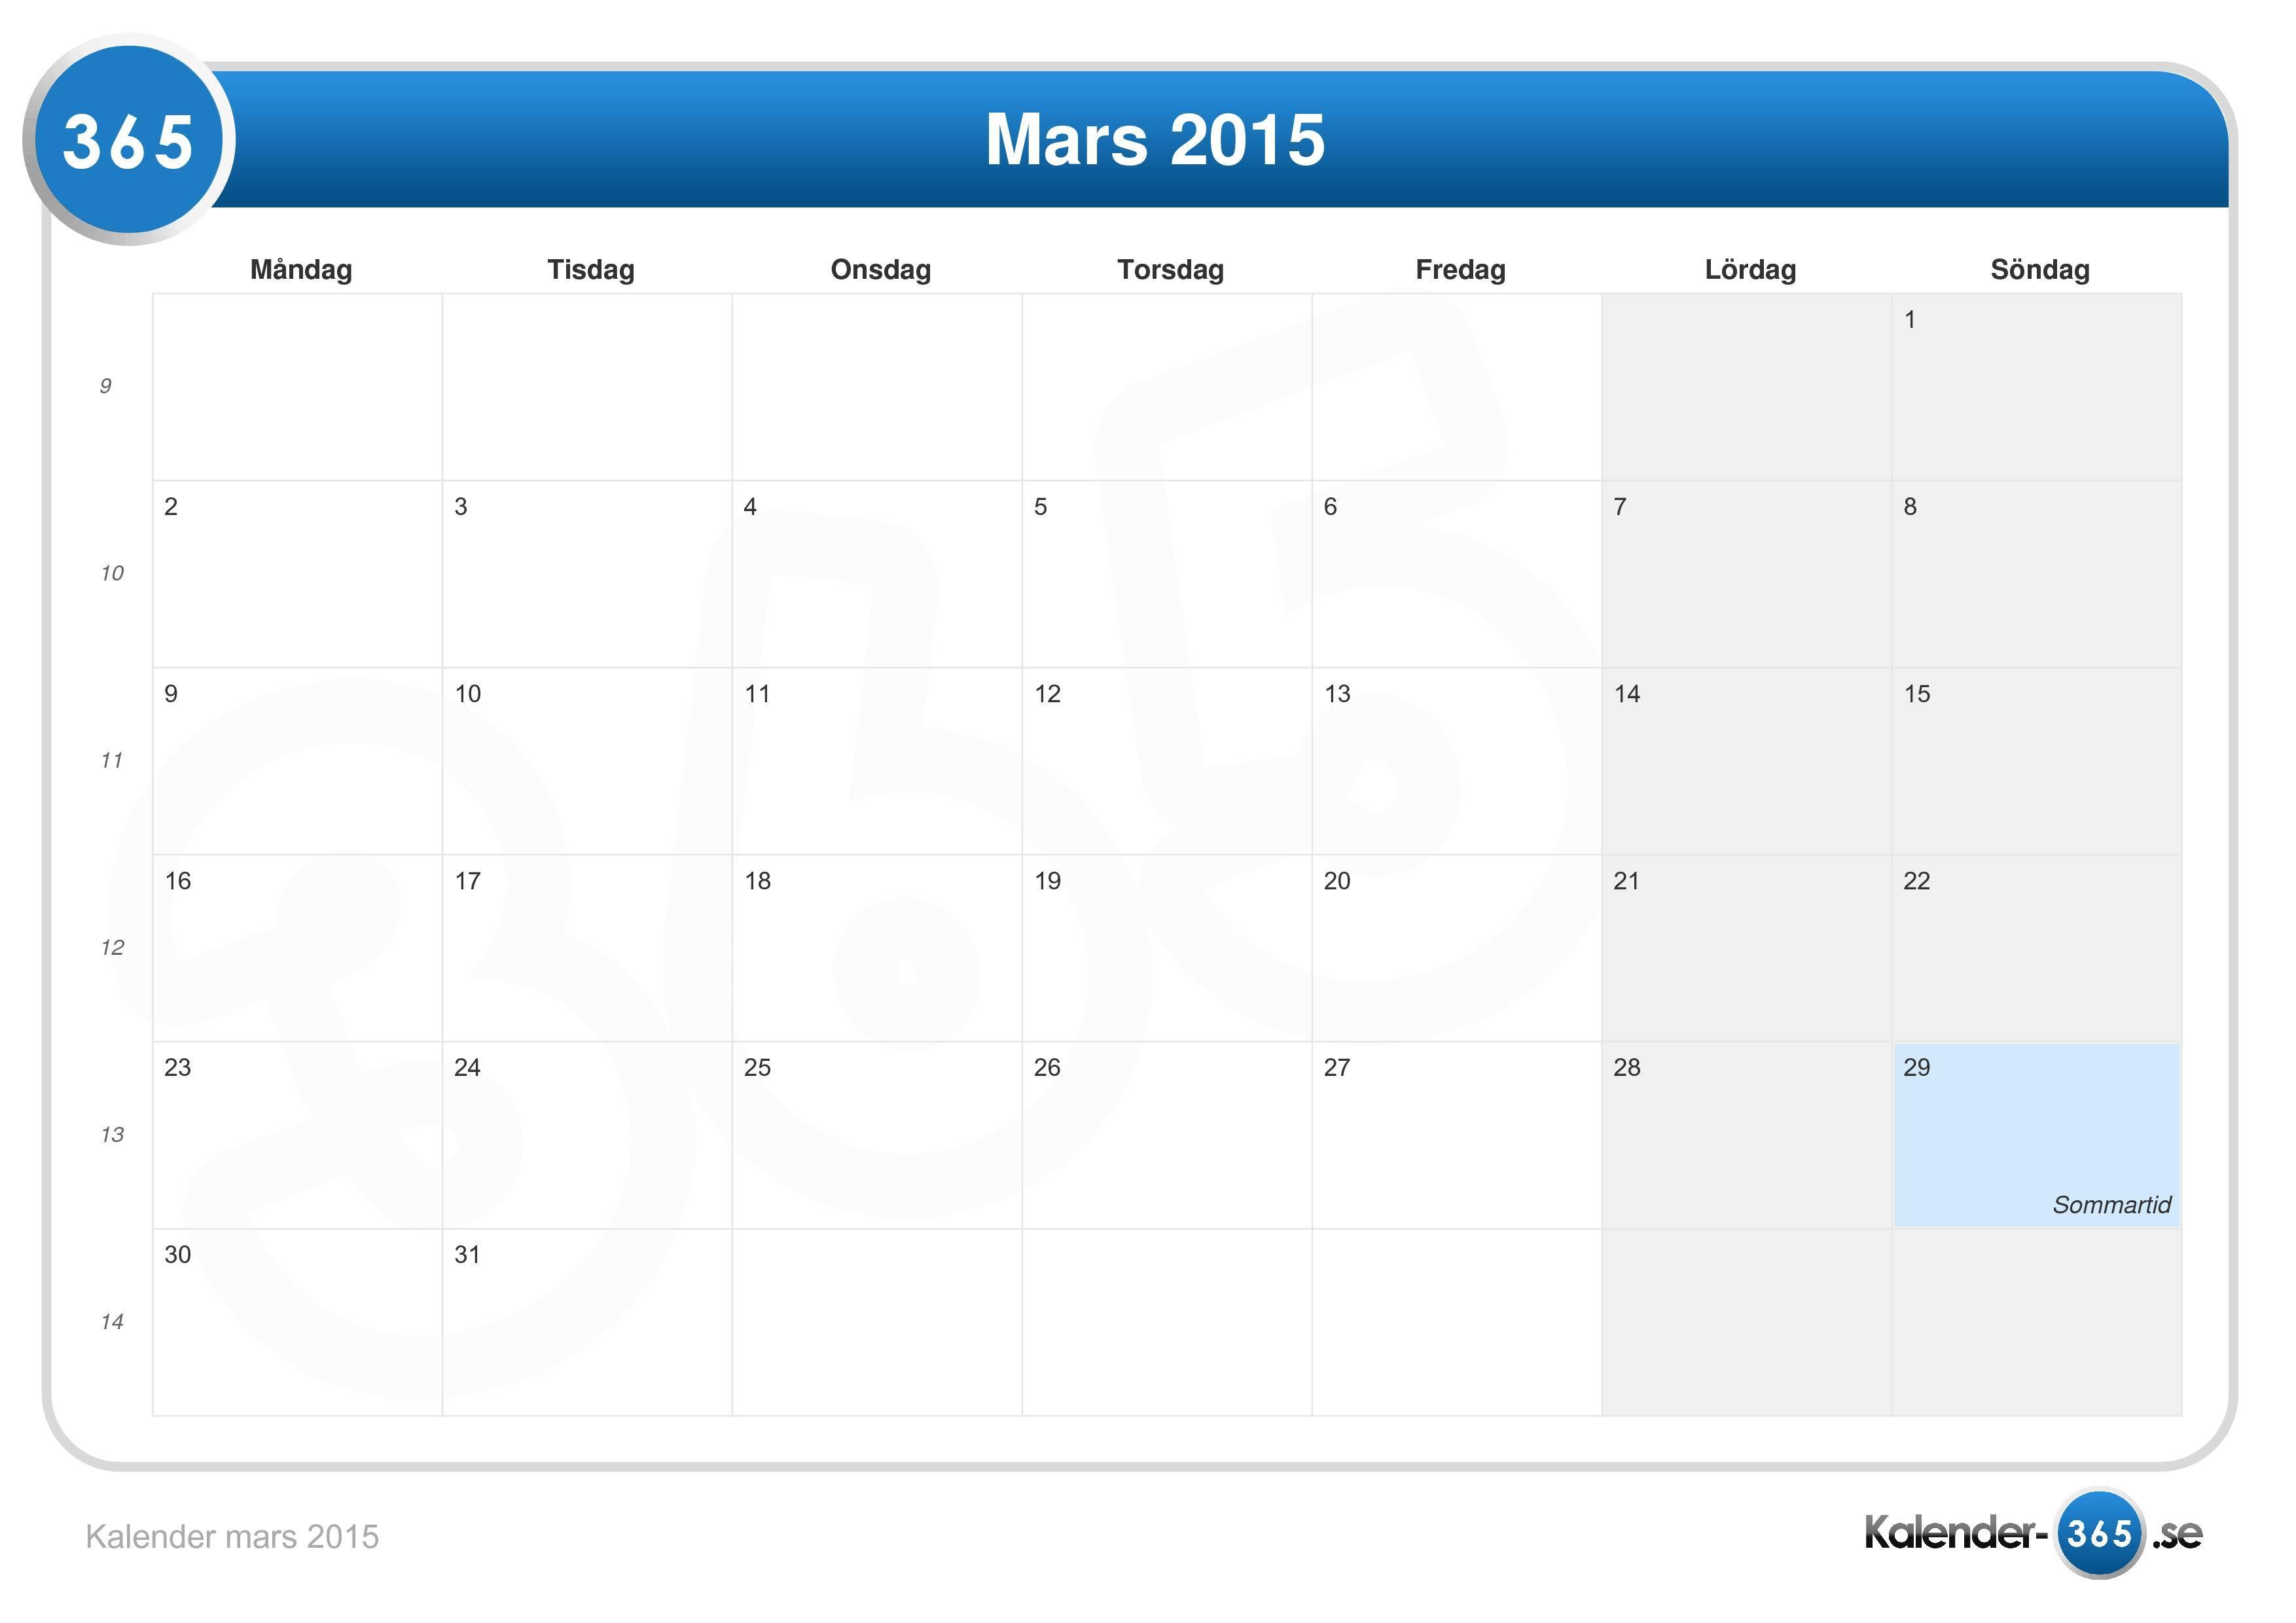 Kalender mars 2015